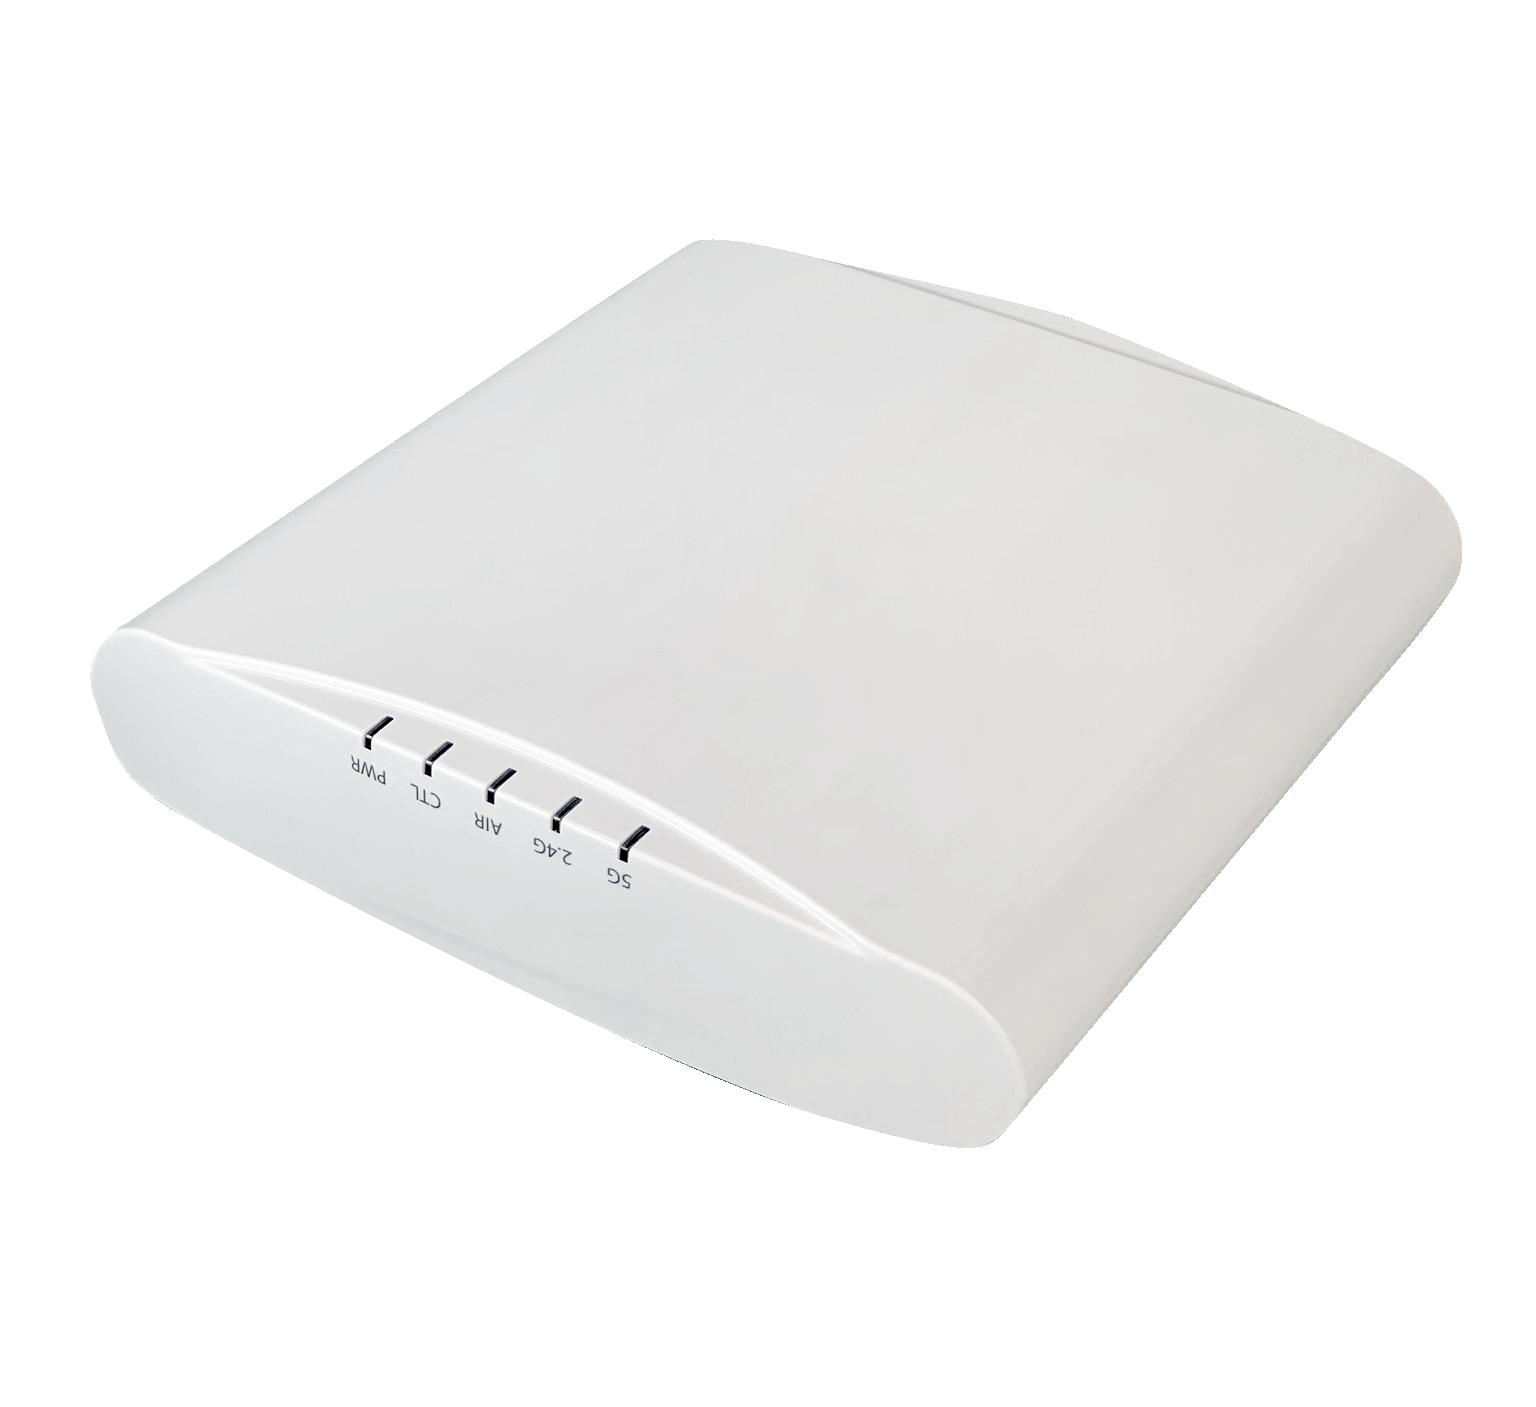 Q410 LTE (CBRS) AP